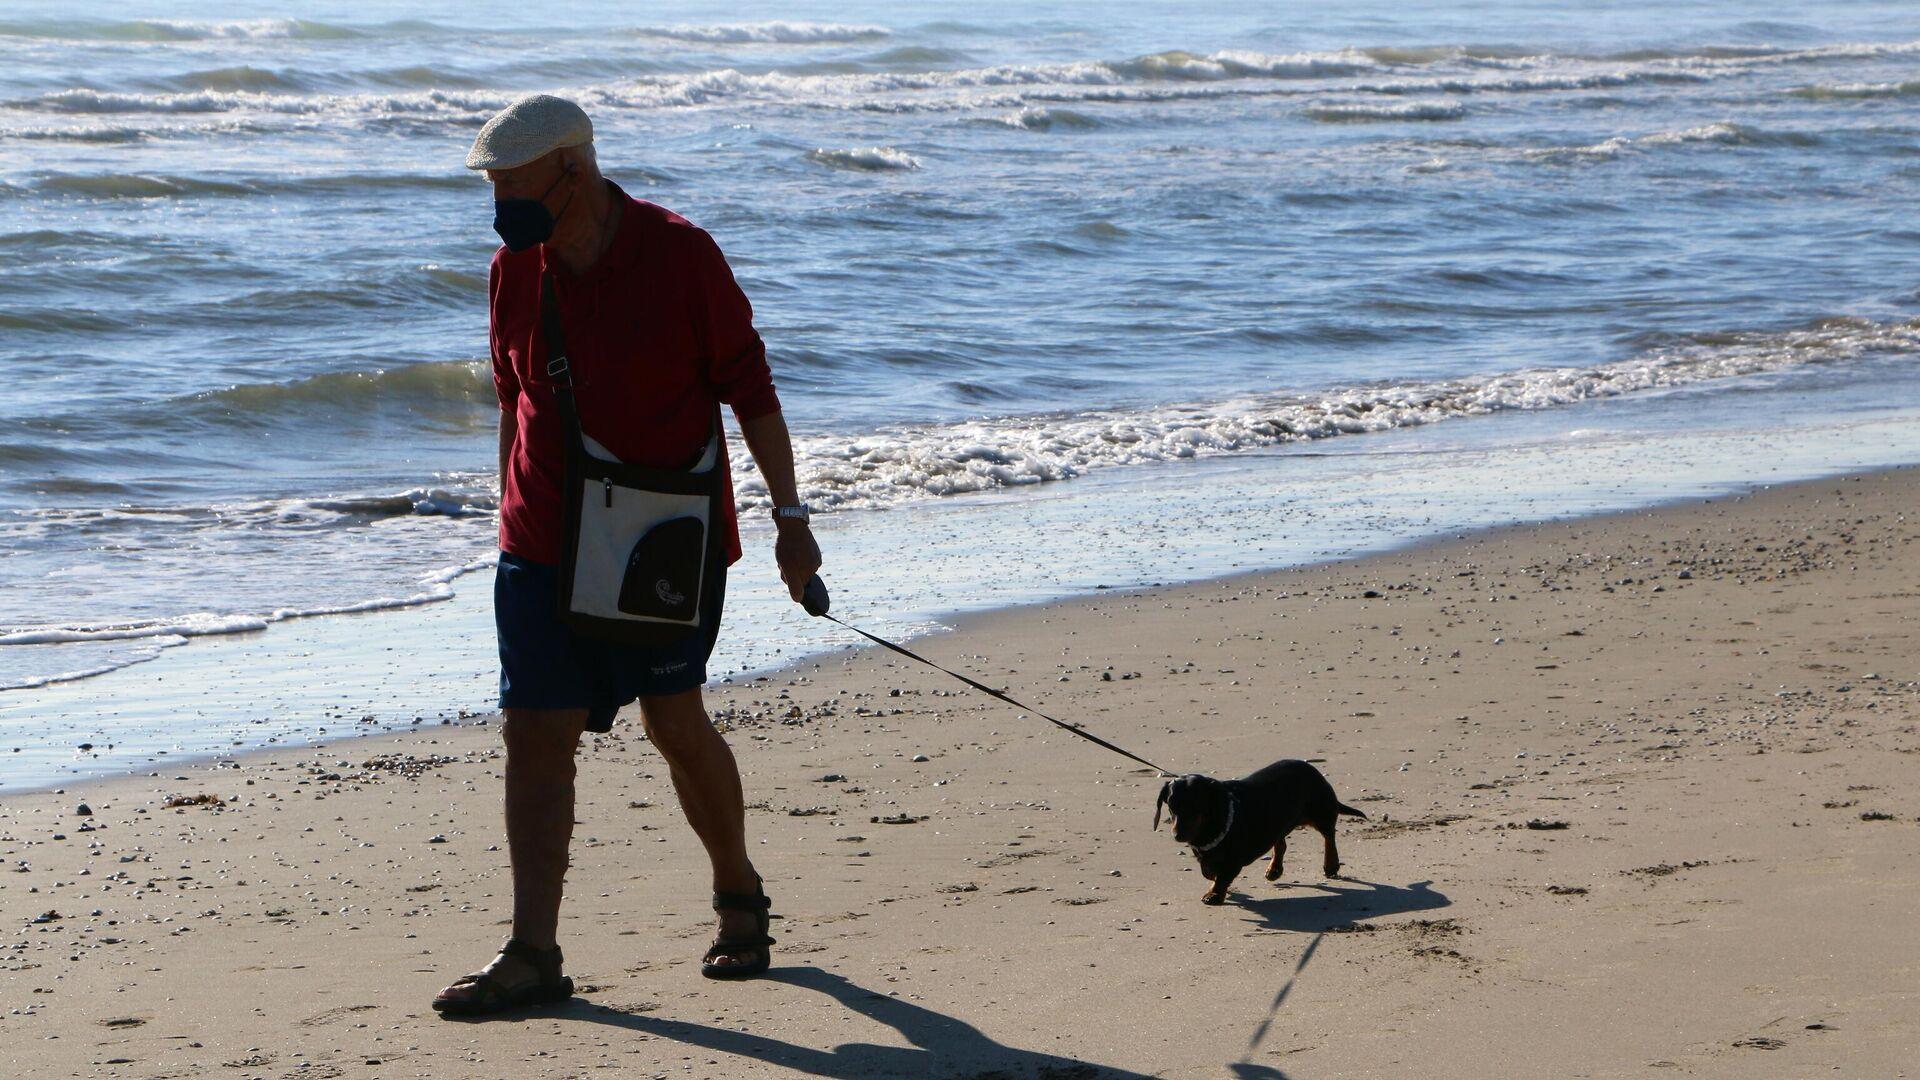 Un uomo con il suo cane passeggia lungo la costa del mare - Sputnik Italia, 1920, 03.06.2021